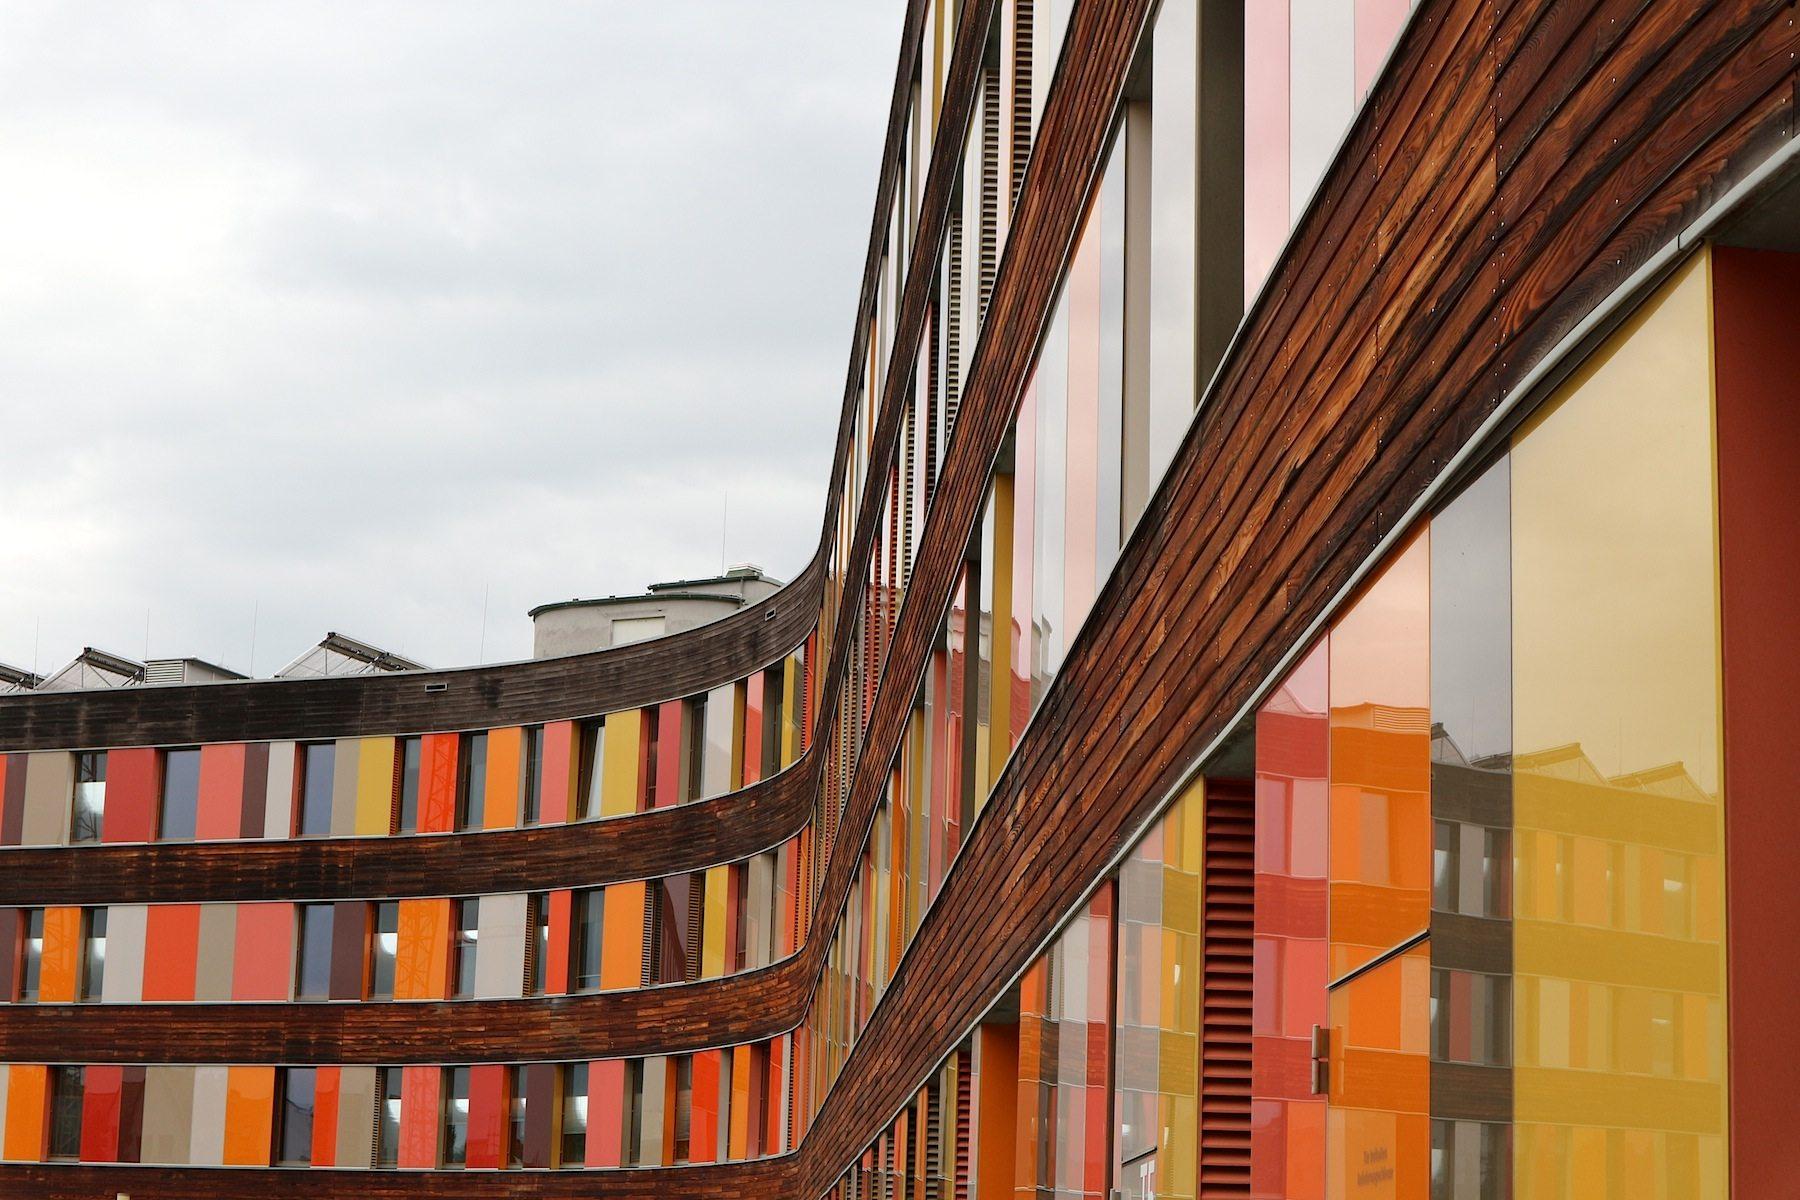 Umweltbundesamtes (UBA).  Der Hauptsitz des Umweltbundesamtes (UBA) ist seit 2005 in Dessau-Roßlau. Für seinen vom Architekturbüro sauerbruch & hutton architekten entworfenen Neubau in Dessau-Roßlau hat das Umweltbundesamt 2009 das Deutsche Gütesiegel für nachhaltiges Bauen in Gold verliehen bekommen.